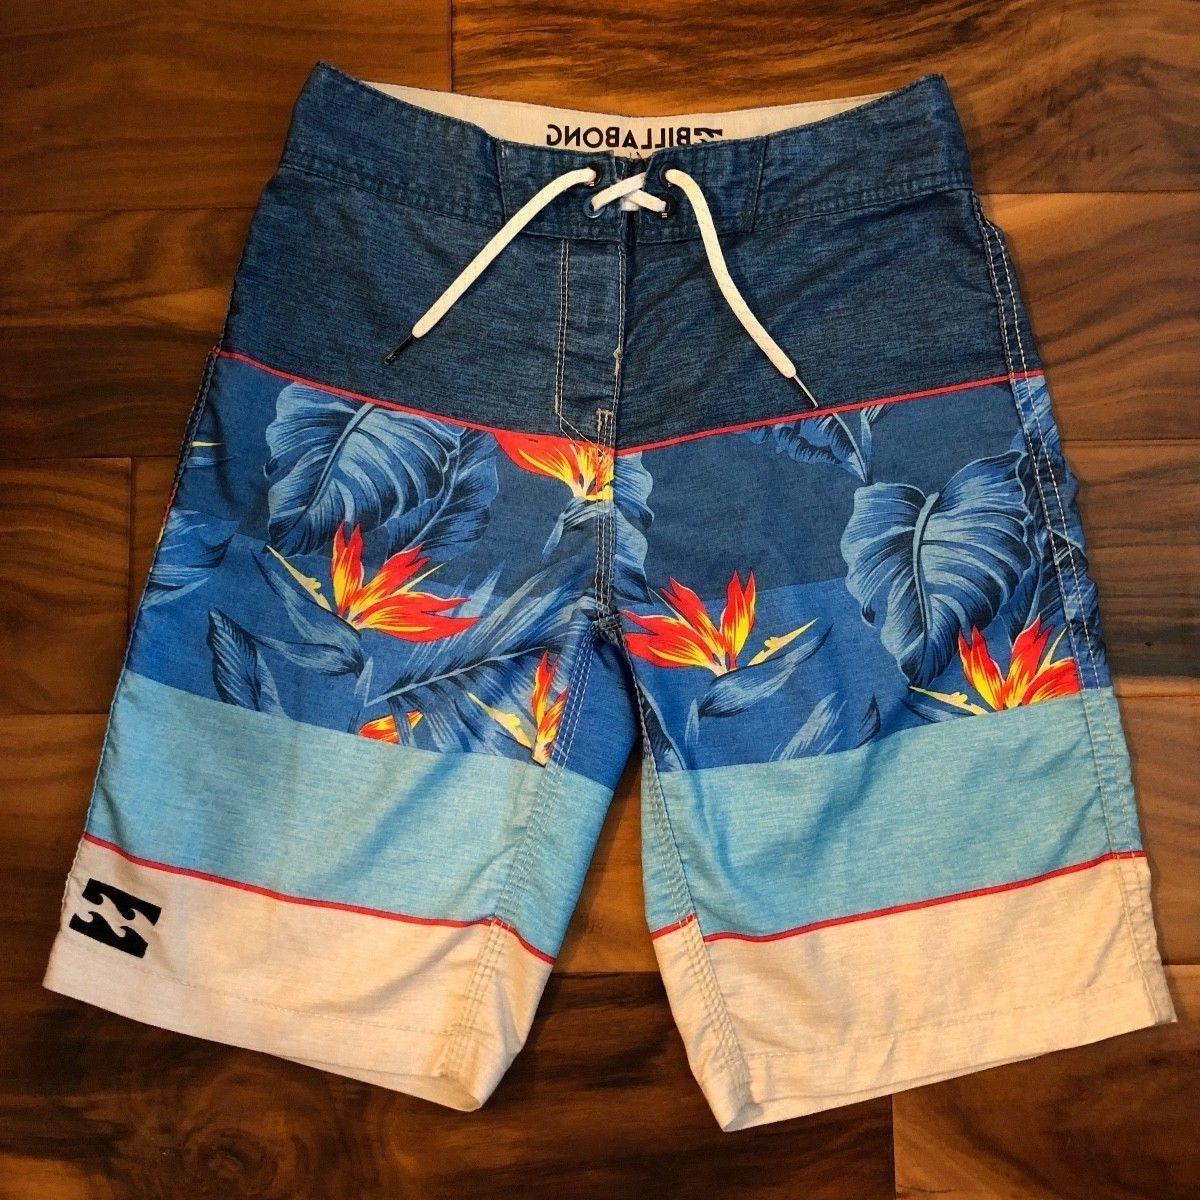 Billabong Men's Blue Paradise OG Boardshorts, Size 32, NWT